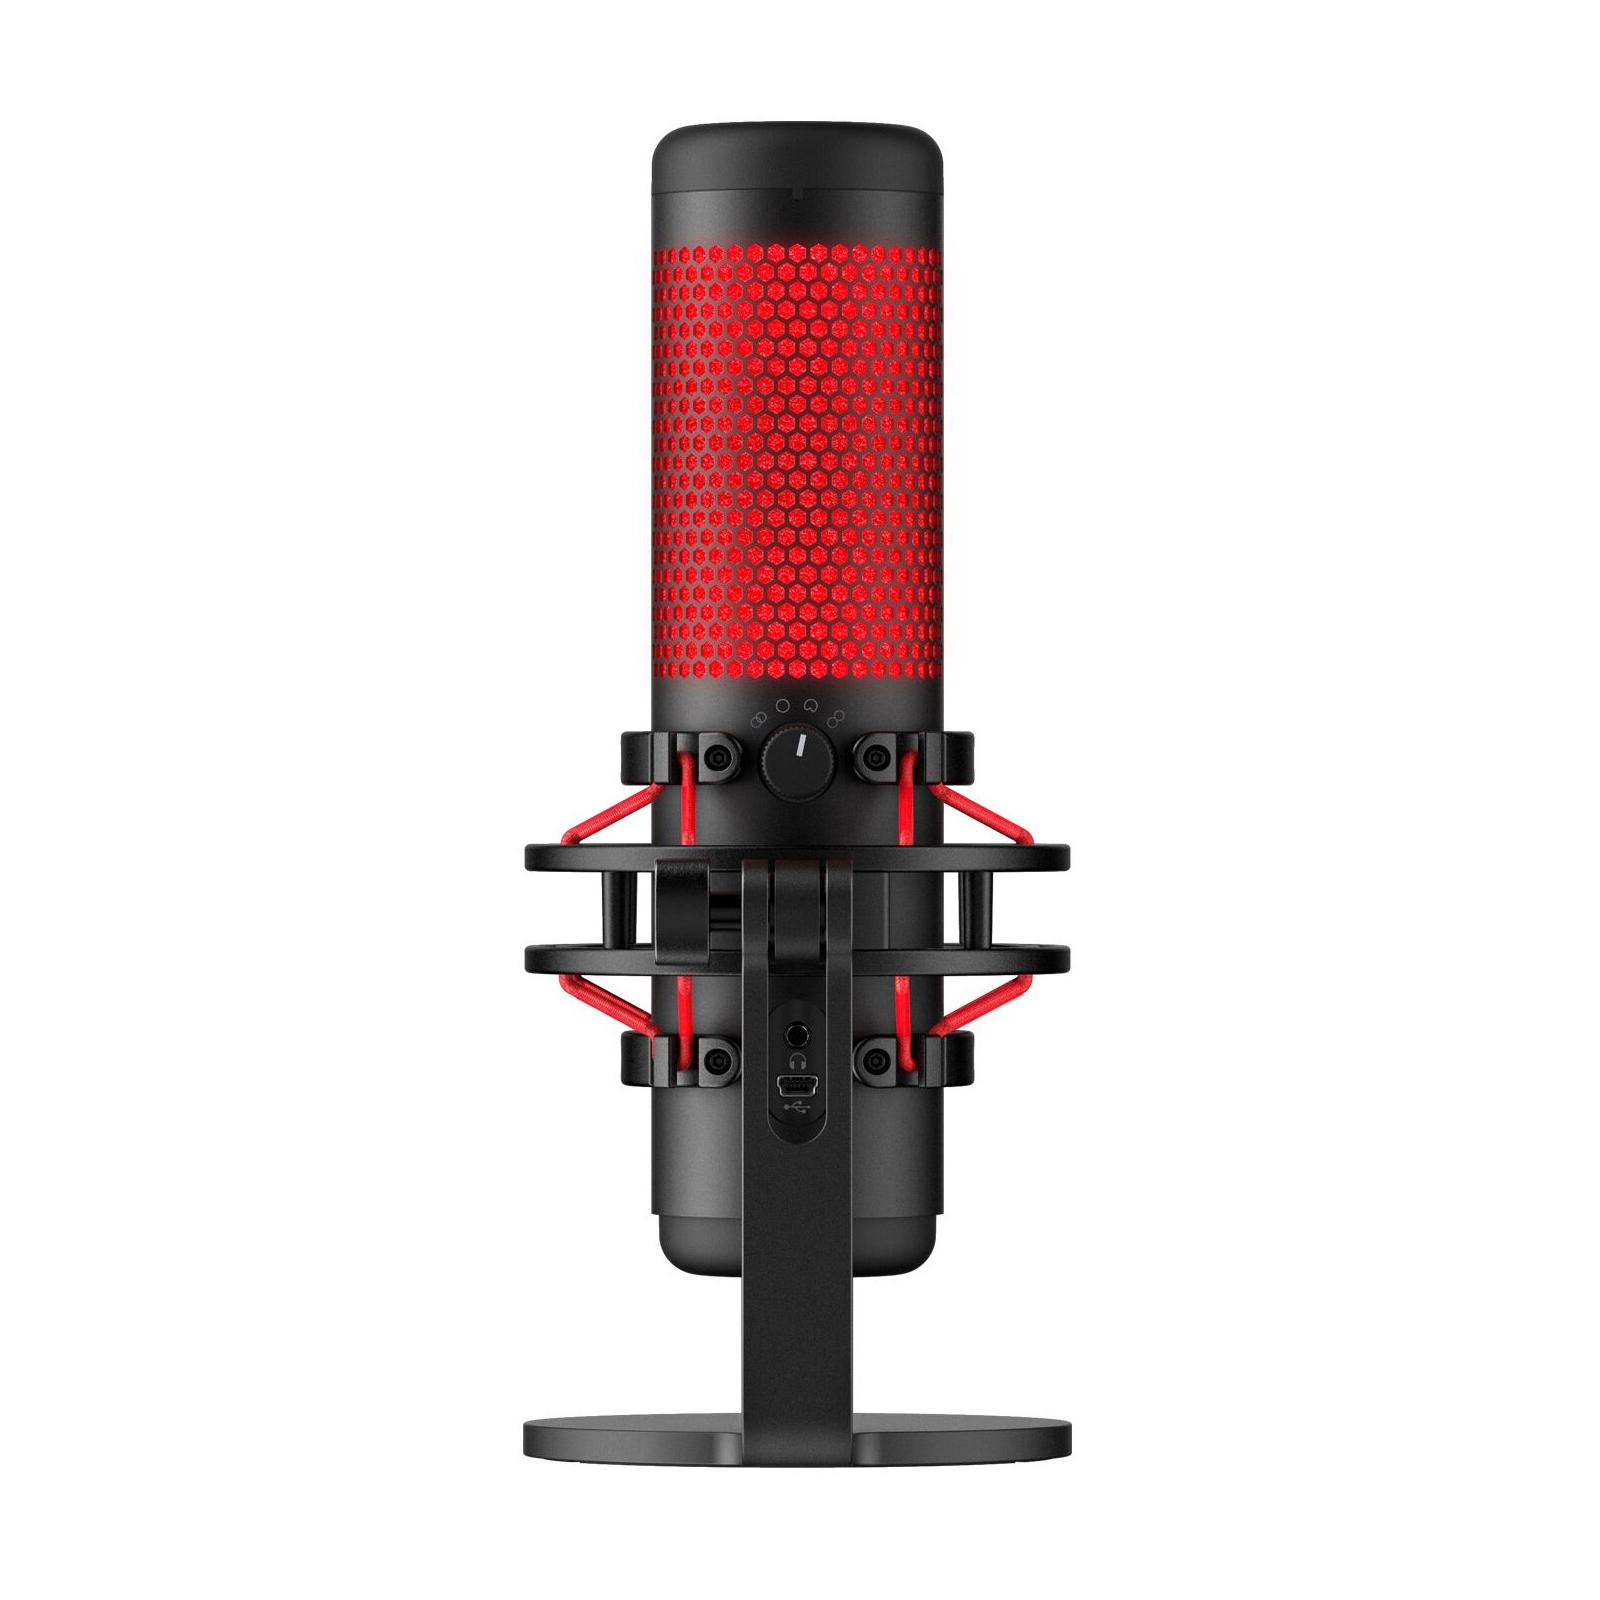 Мікрофон HyperX Quadcast (HX-MICQC-BK) зображення 4